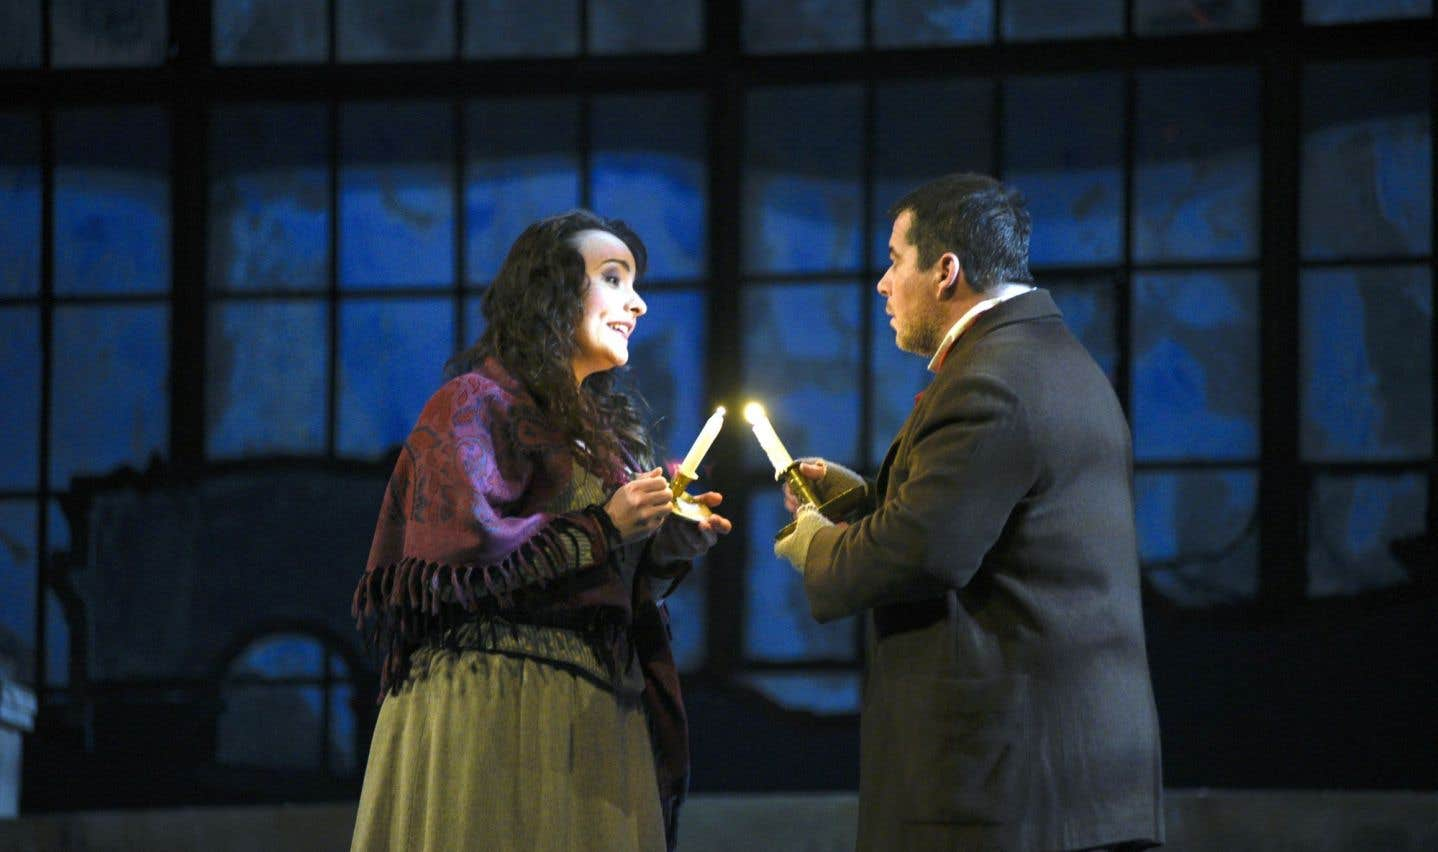 Dans la nouvelle mouture de la superproduction, les rôles de Mimi et de Rodolfo ont été confiés à France Bellemare et Luc Robert.